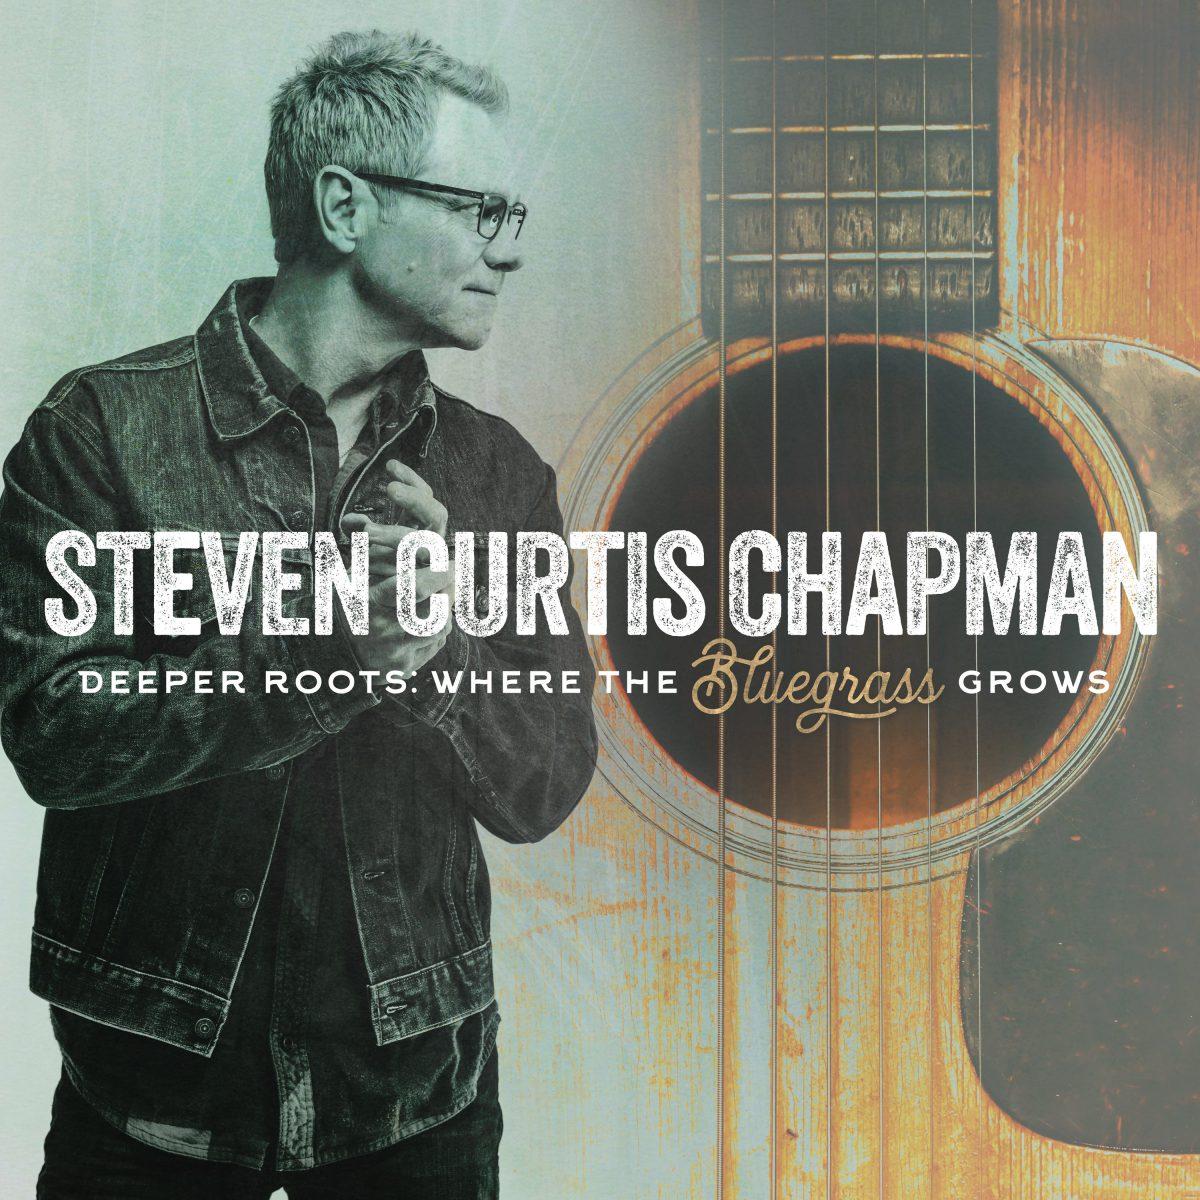 STEVEN CURTIS CHAPMAN'S 'DEEPER ROOTS: WHERE THE BLUEGRASS